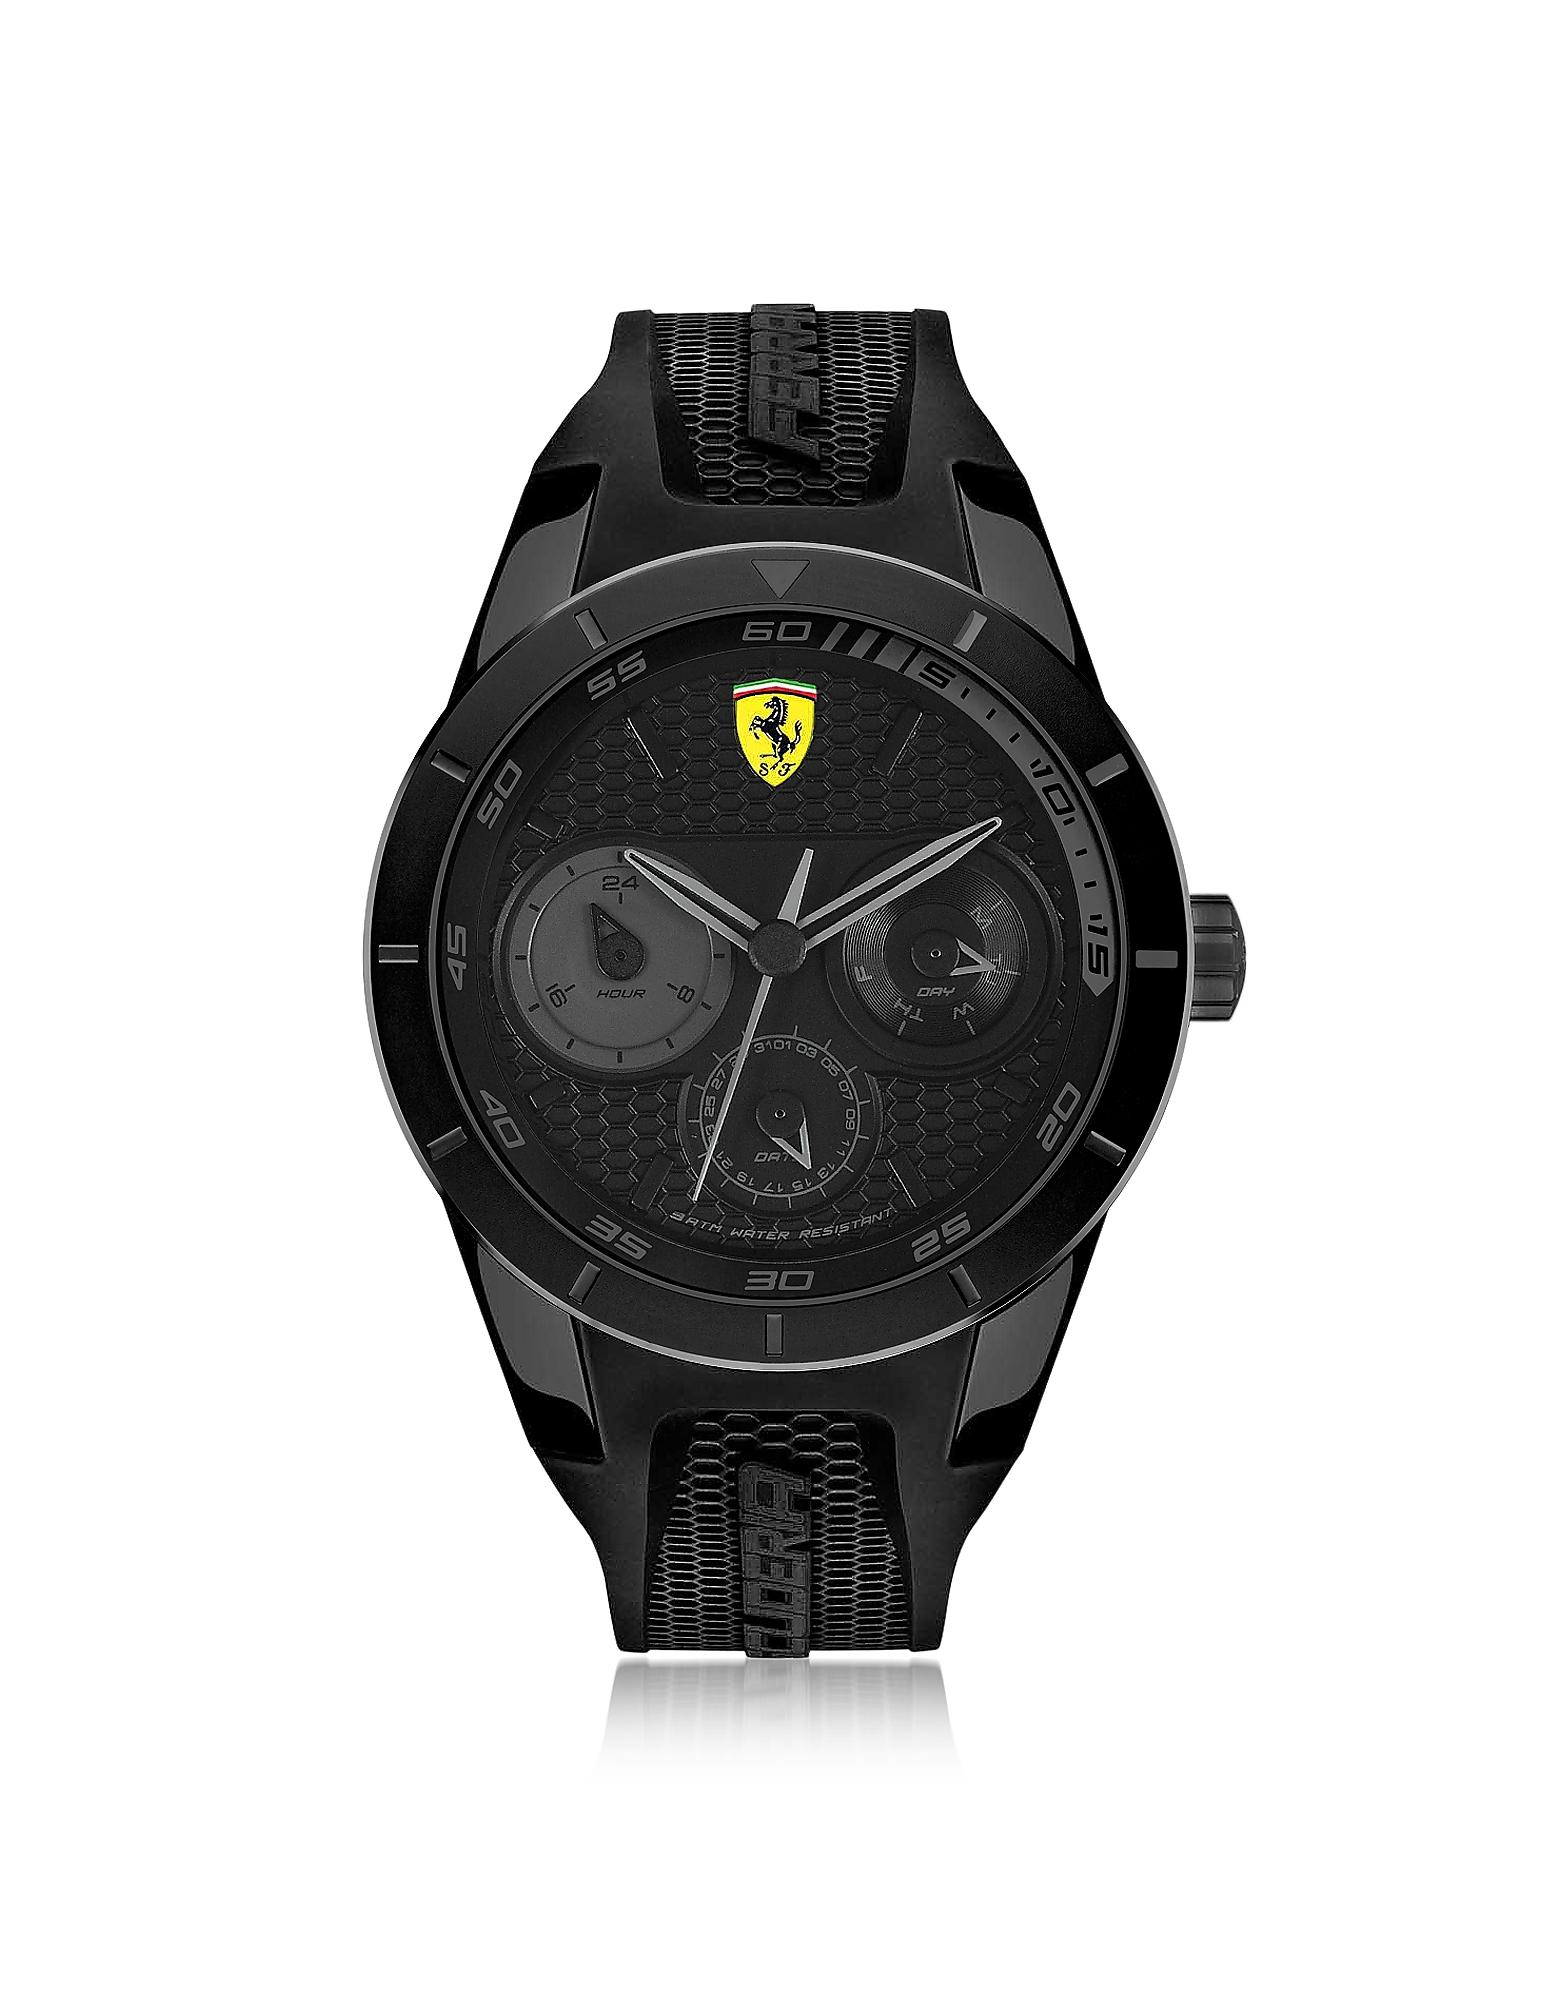 Фото Scuderia Ferrari RedRev - Черные Мужские Часы хронограф из Нержавеющей Стали на Силиконовом Ремешке. Купить с доставкой